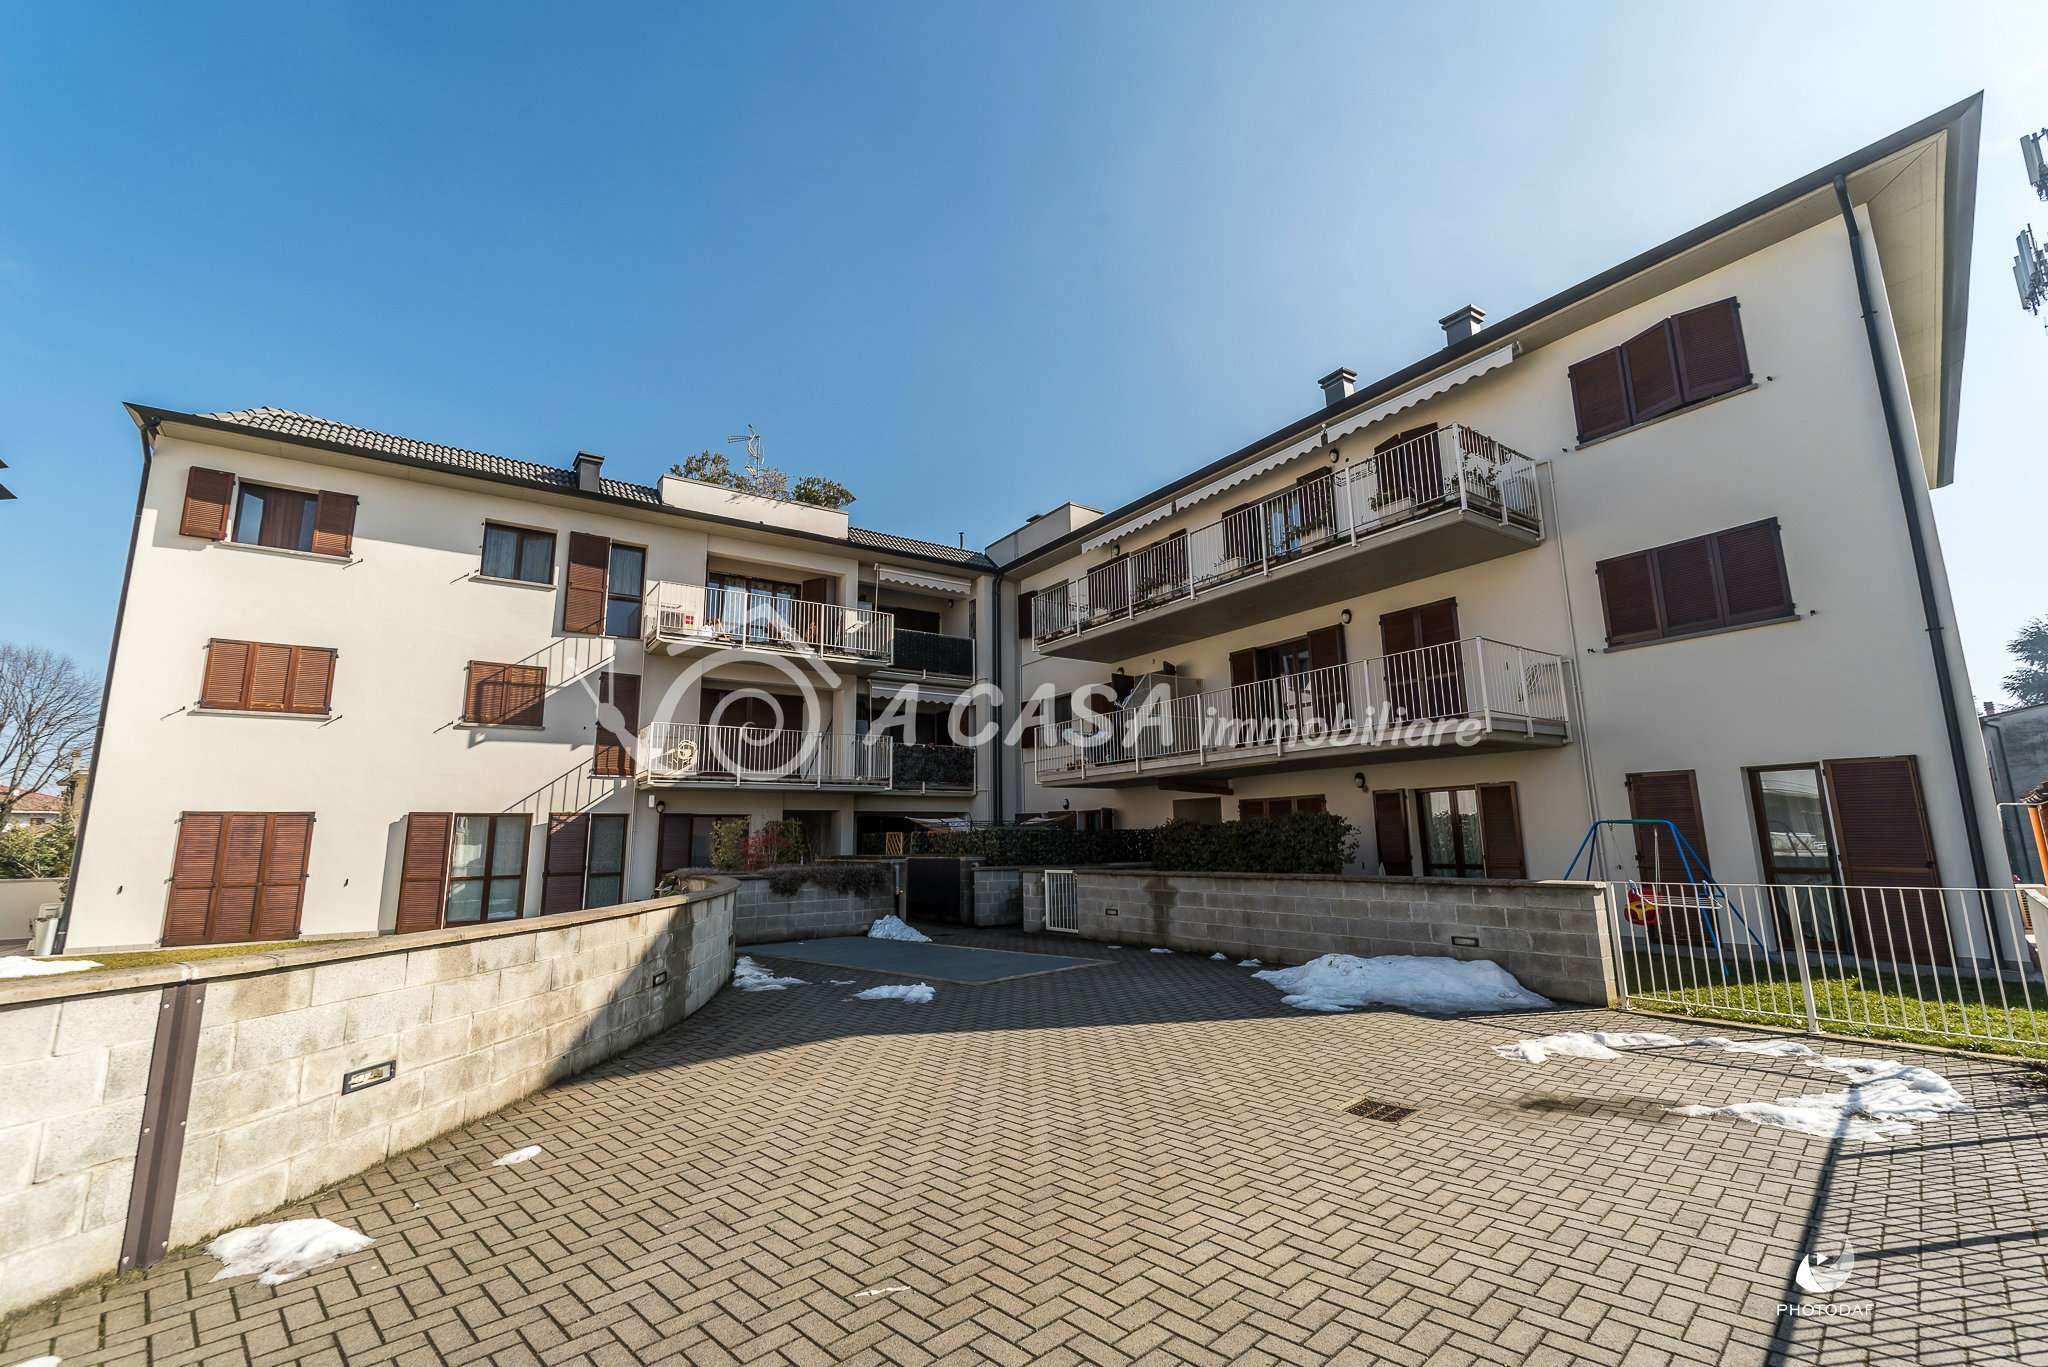 Appartamento in vendita Rif. 5738559